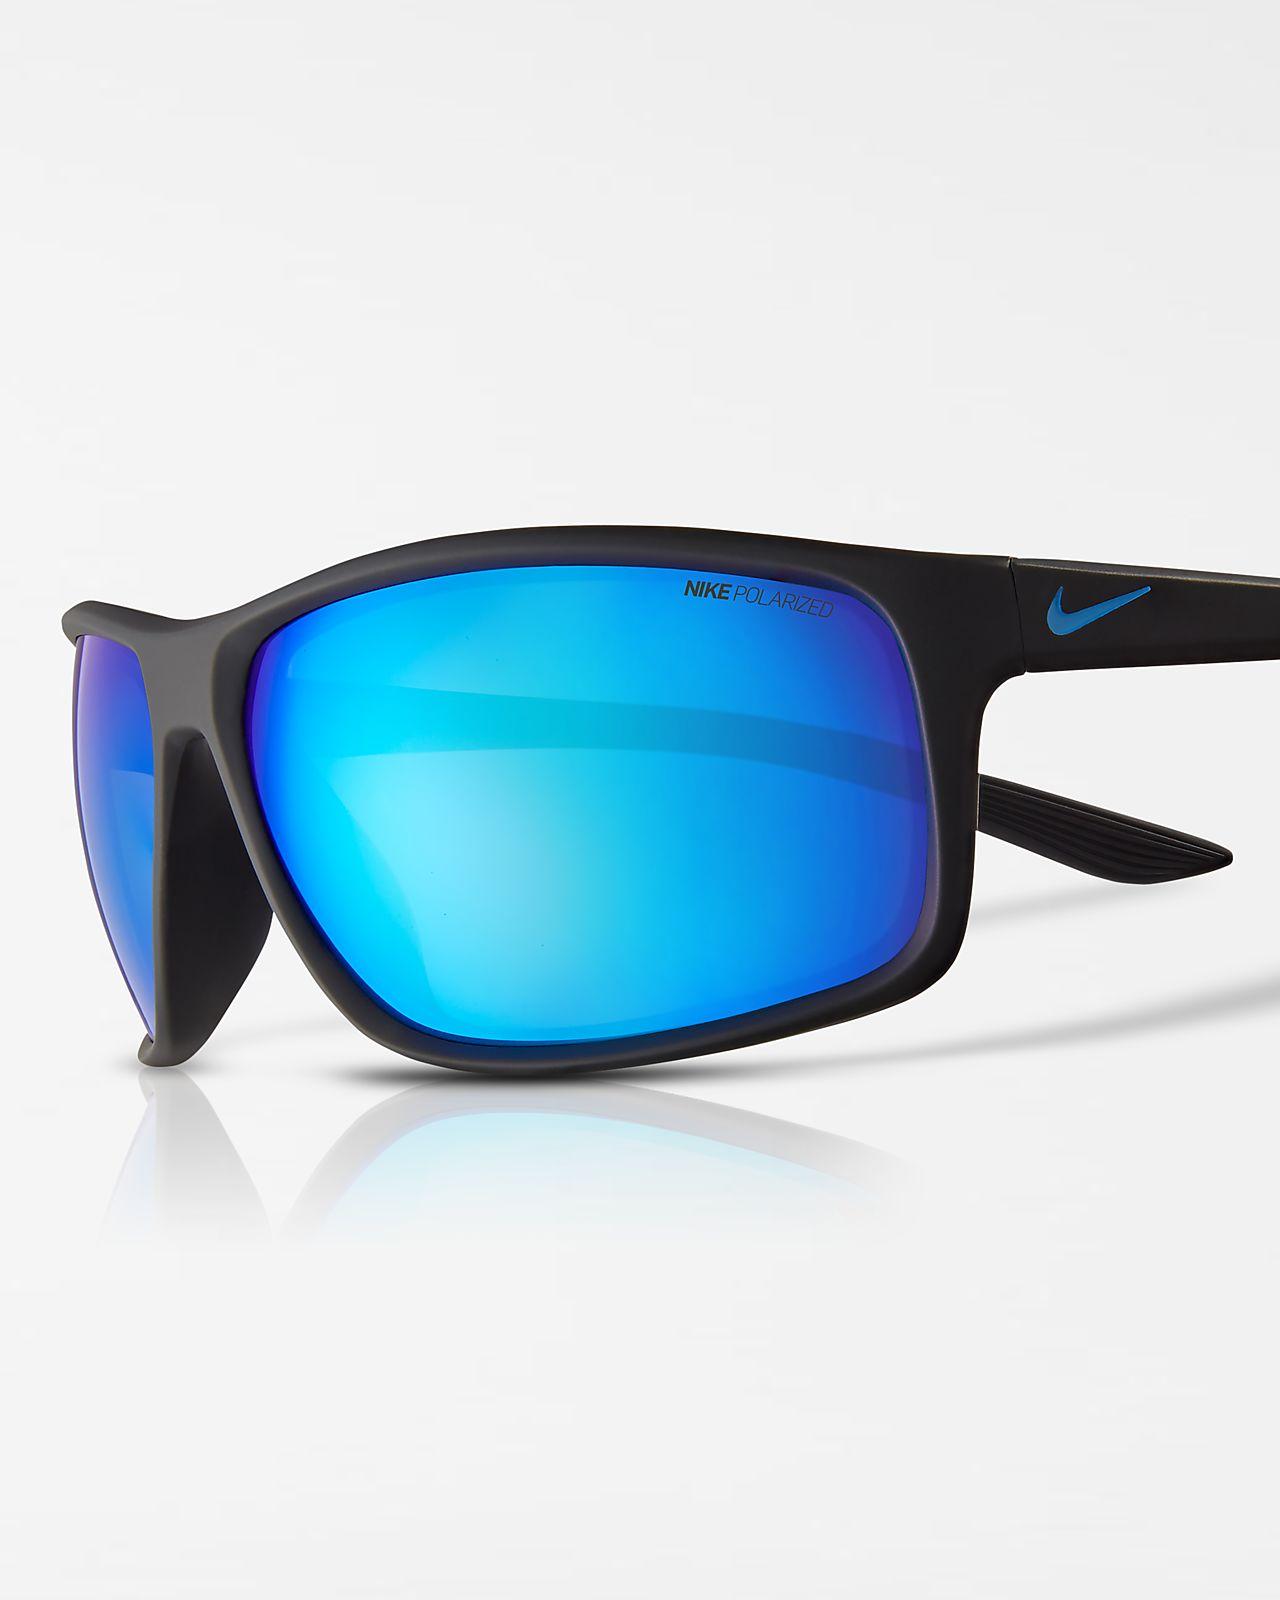 Lentes de sol polarizados Nike Adrenaline